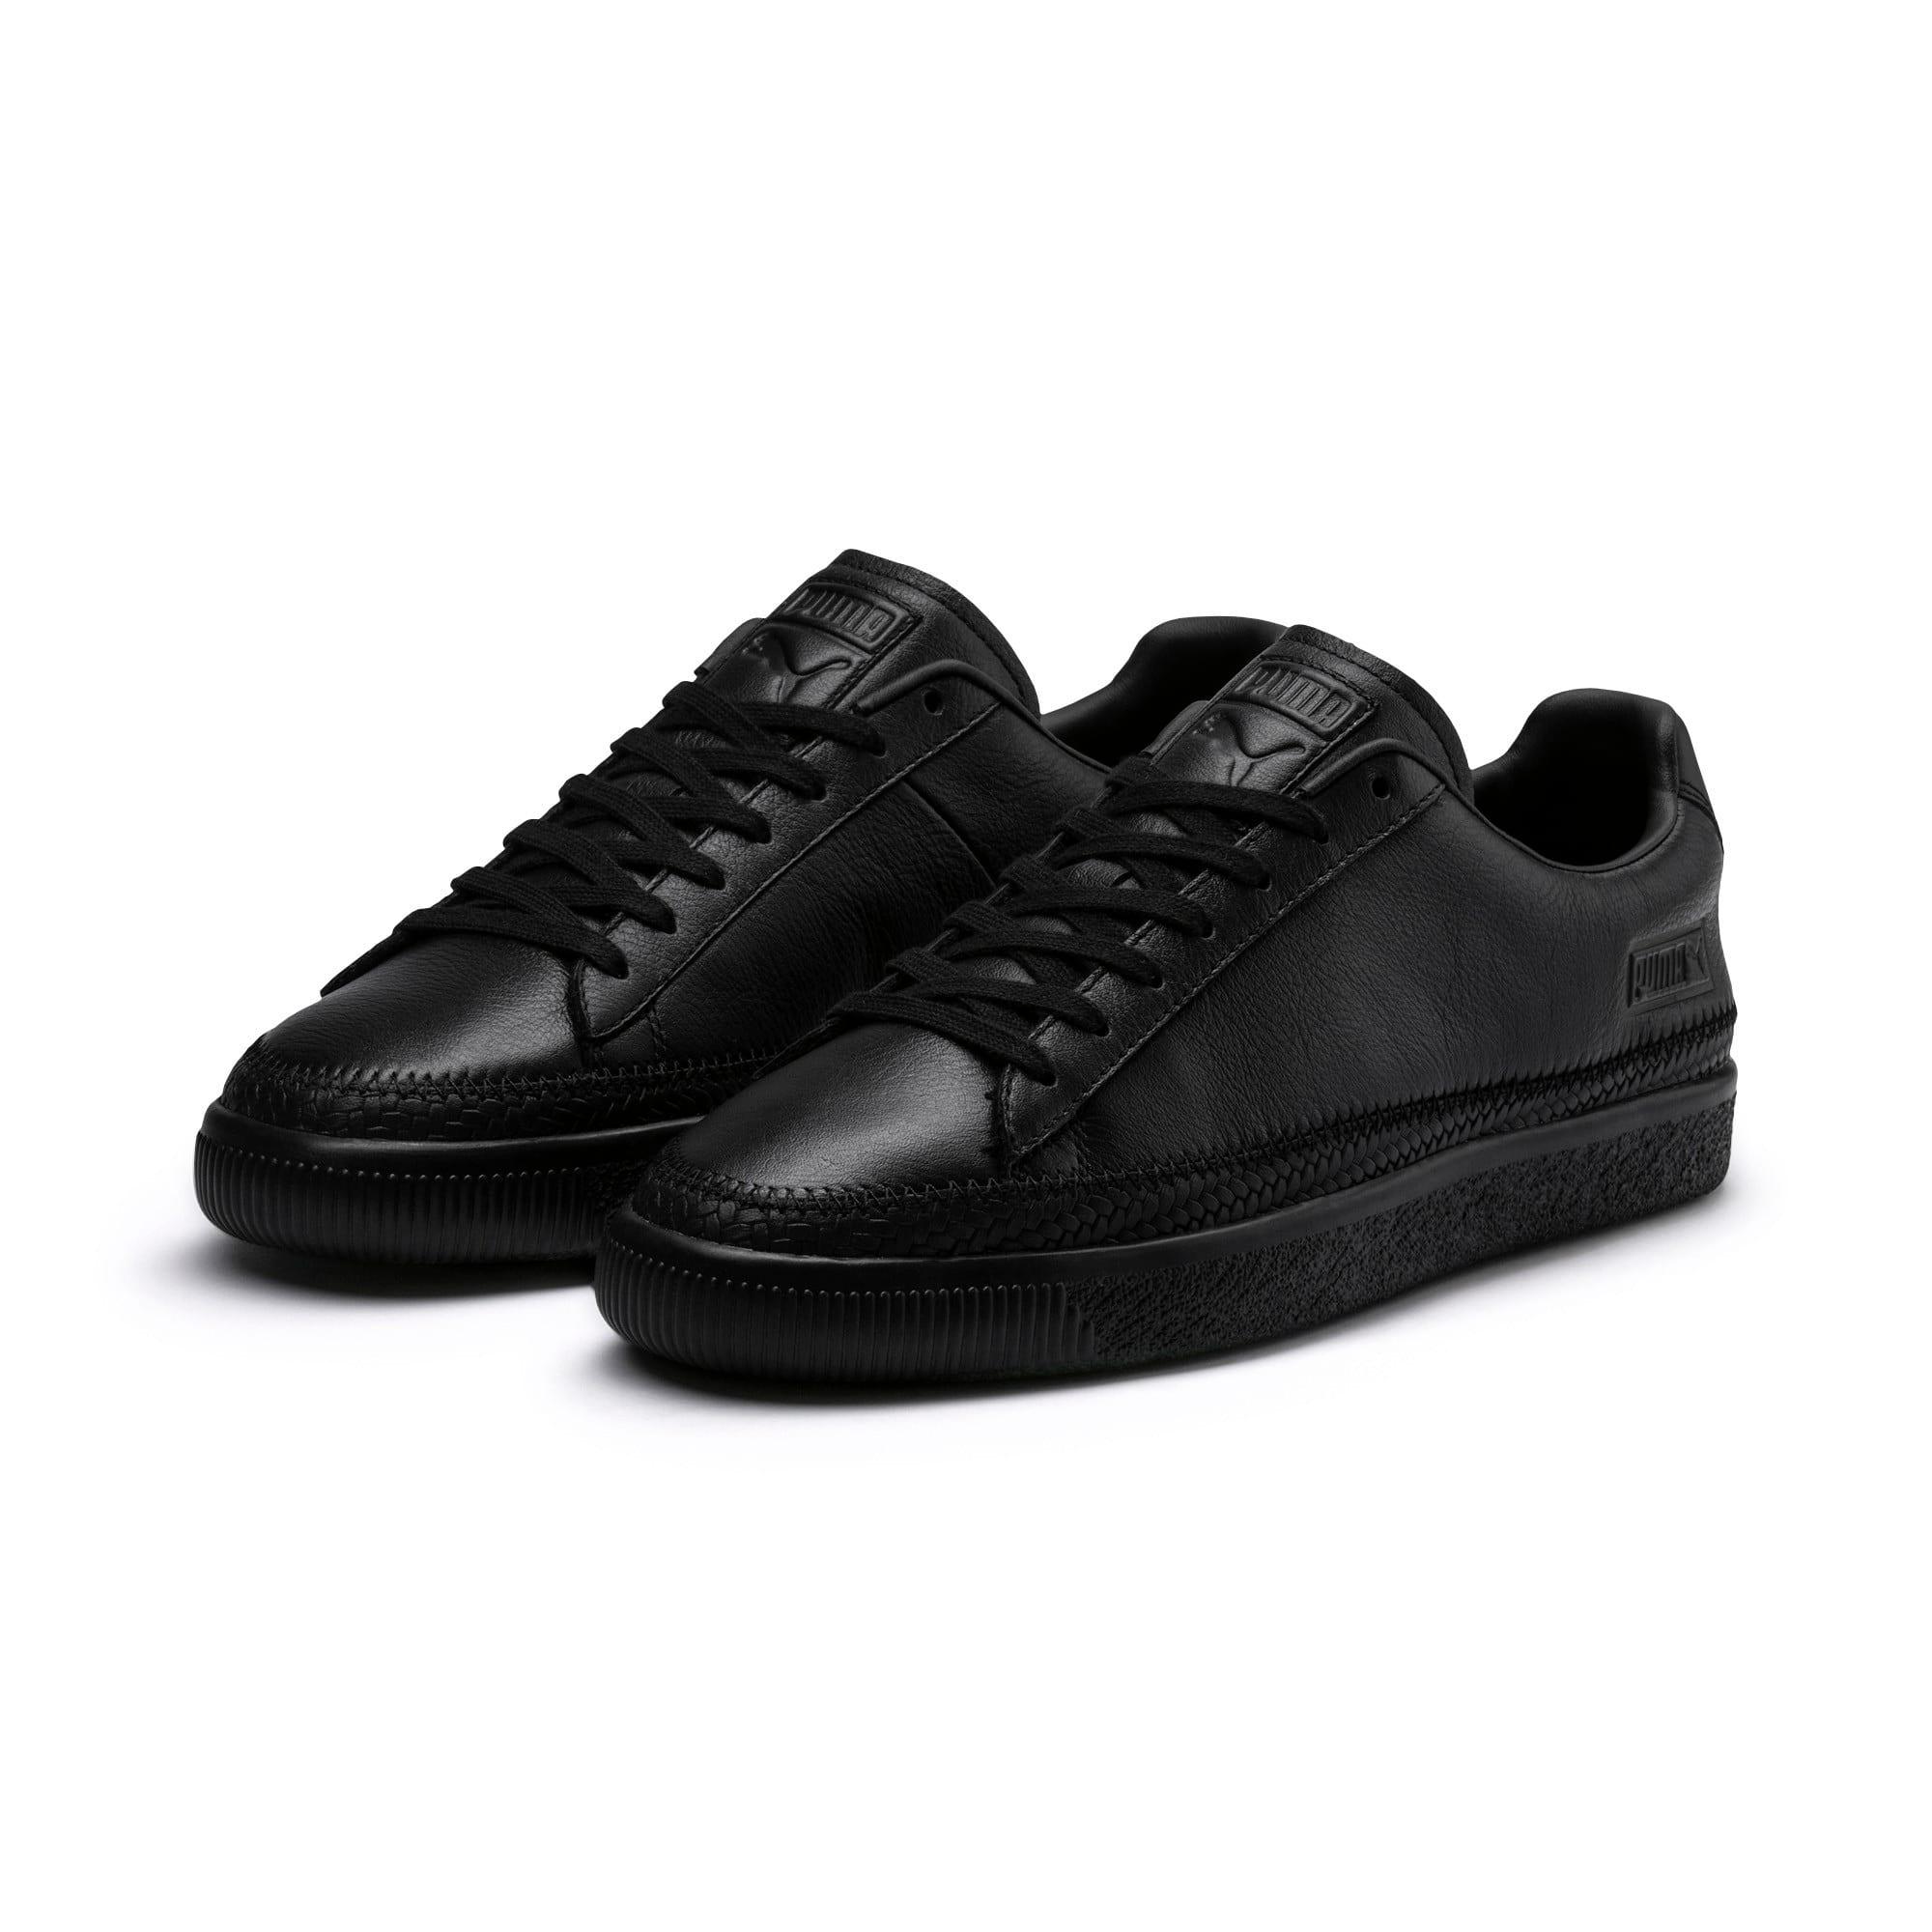 low cost de4d6 12496 Basket Trim Shoes